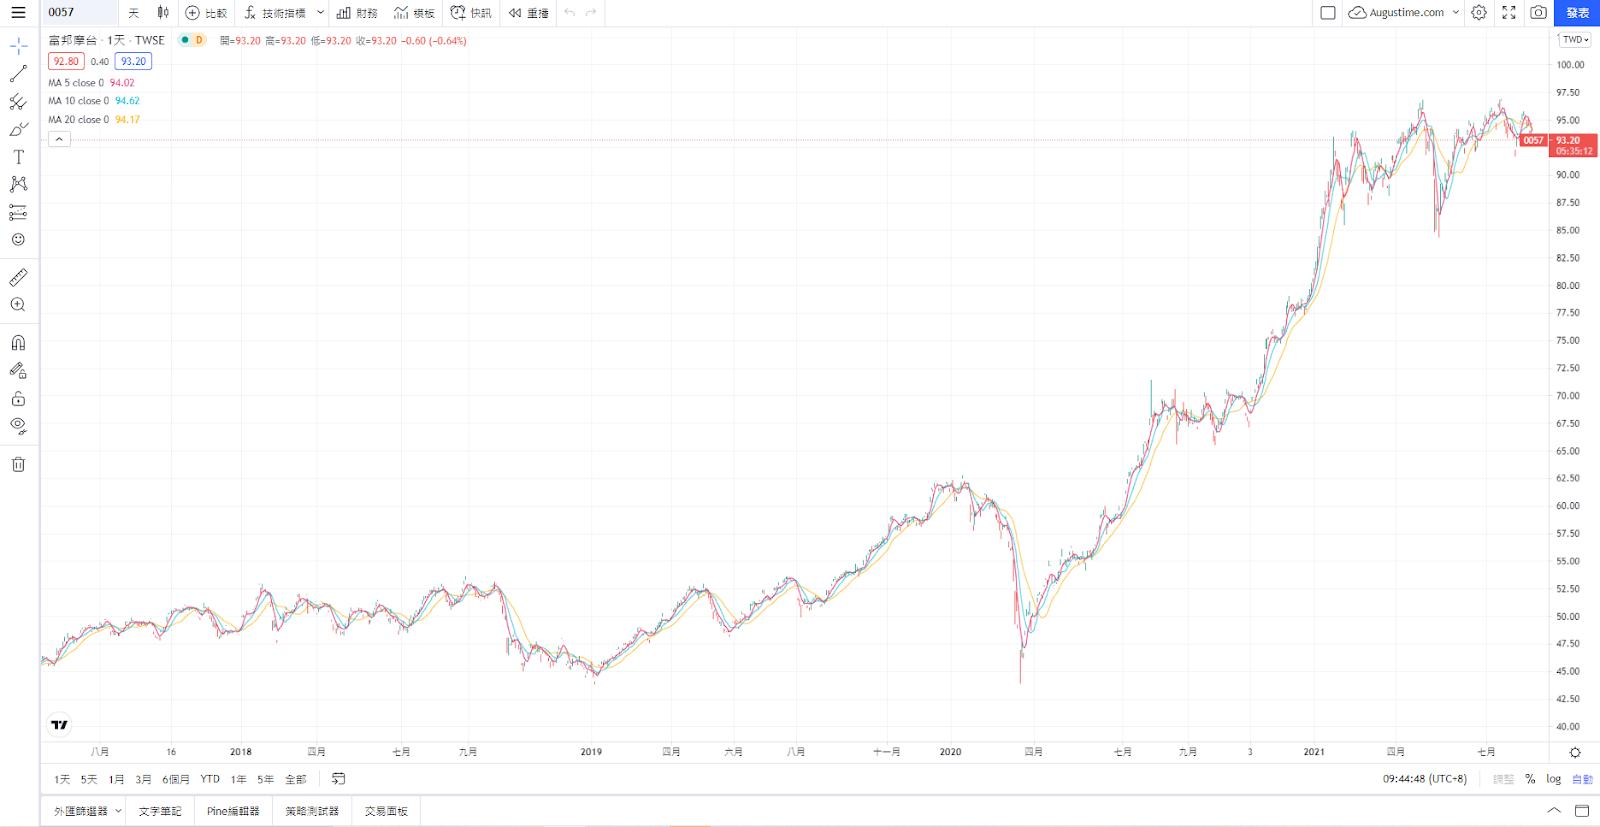 0057,台股0057,0057 ETF,0057成分股,0057持股,0057配息,0057除息,0057股價,0057介紹,0057淨值,0057富邦摩台,0057存股,0057股利